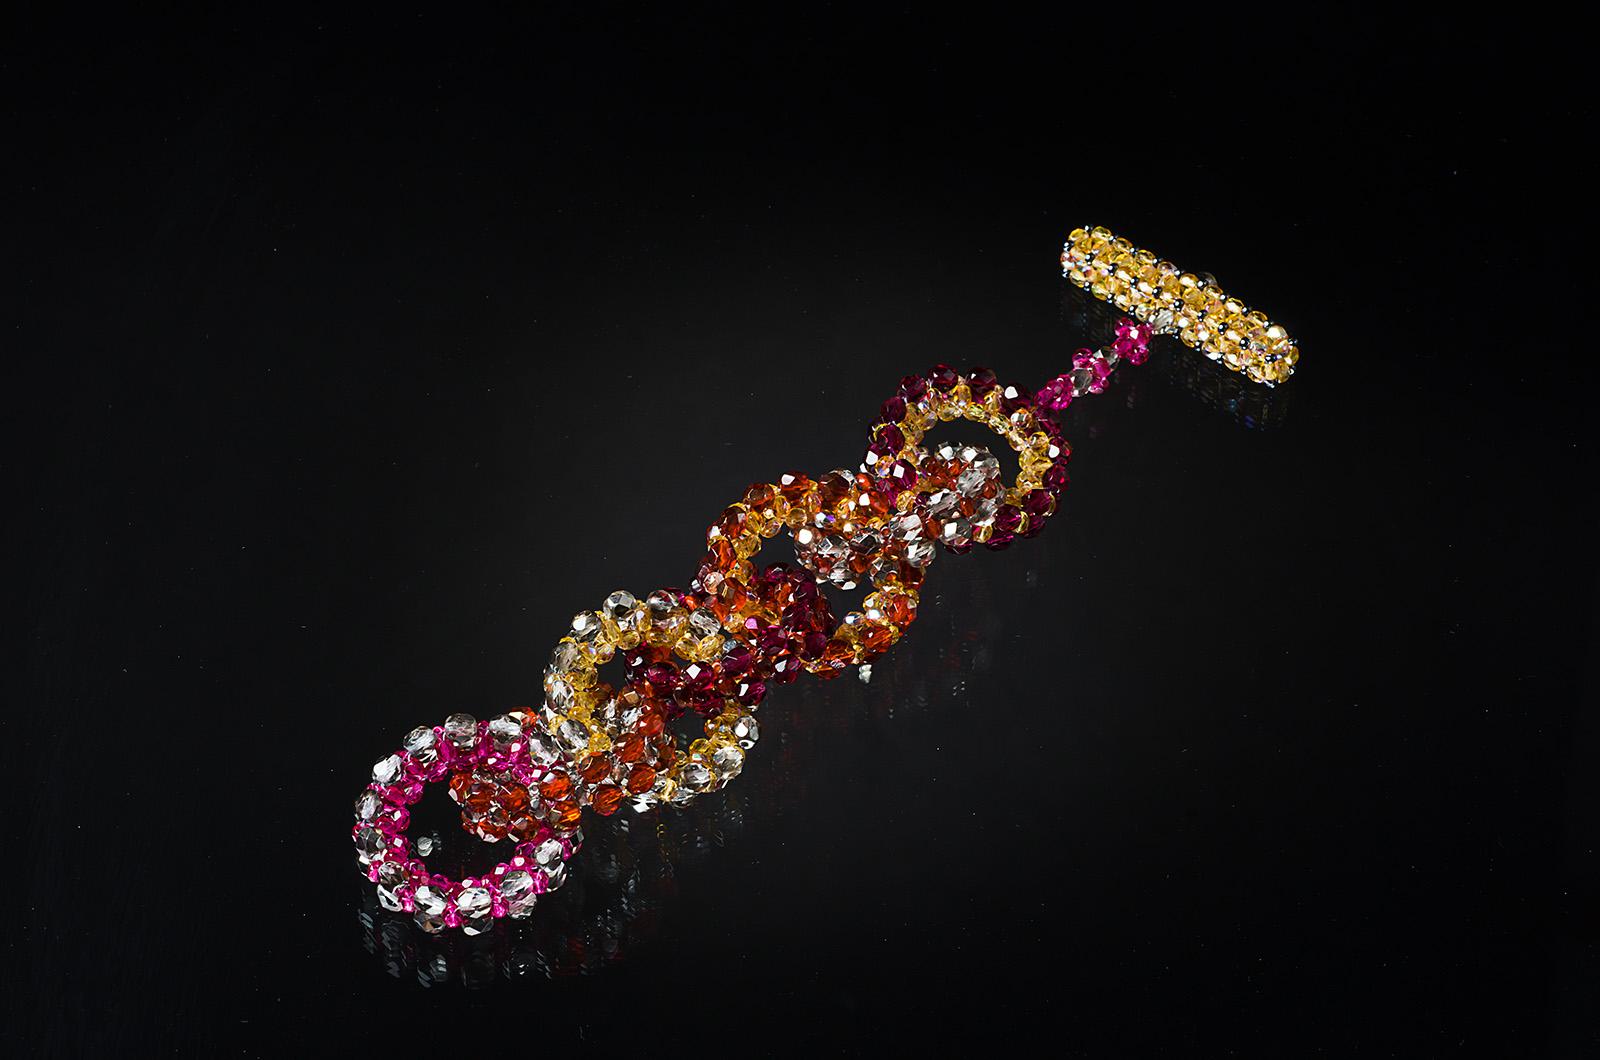 Orsola mainardis vetreria franco schiavon glass gallery for Designer di gioielli